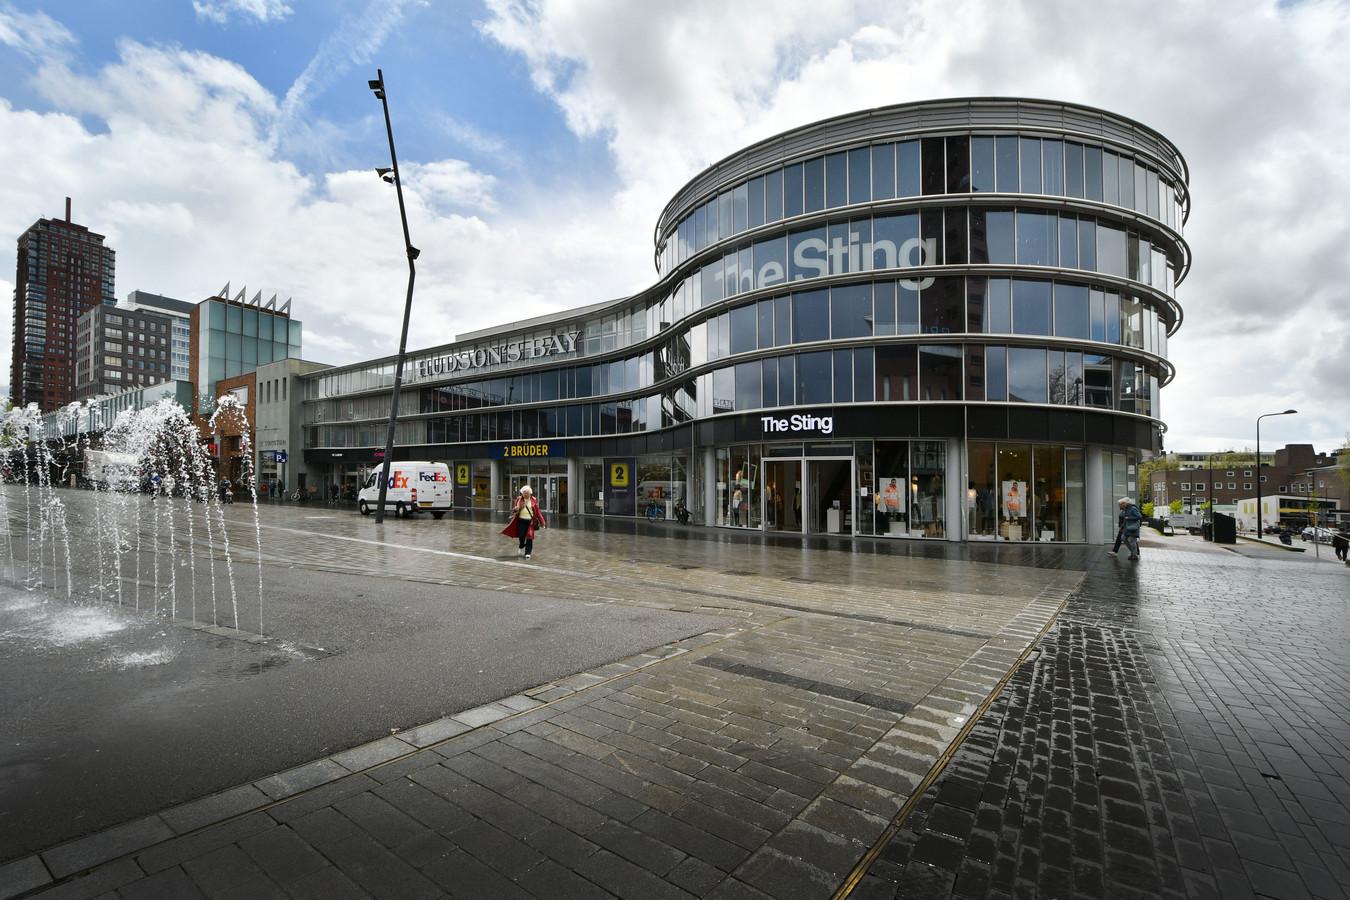 2 Brüder vertrekt uit Enschede. Daarmee komt het oude pand van V&D opnieuw leeg. Gaat Enschede Almelo (mooi appartementencomplex) of Hengelo (langdurige leegstand) achterna?